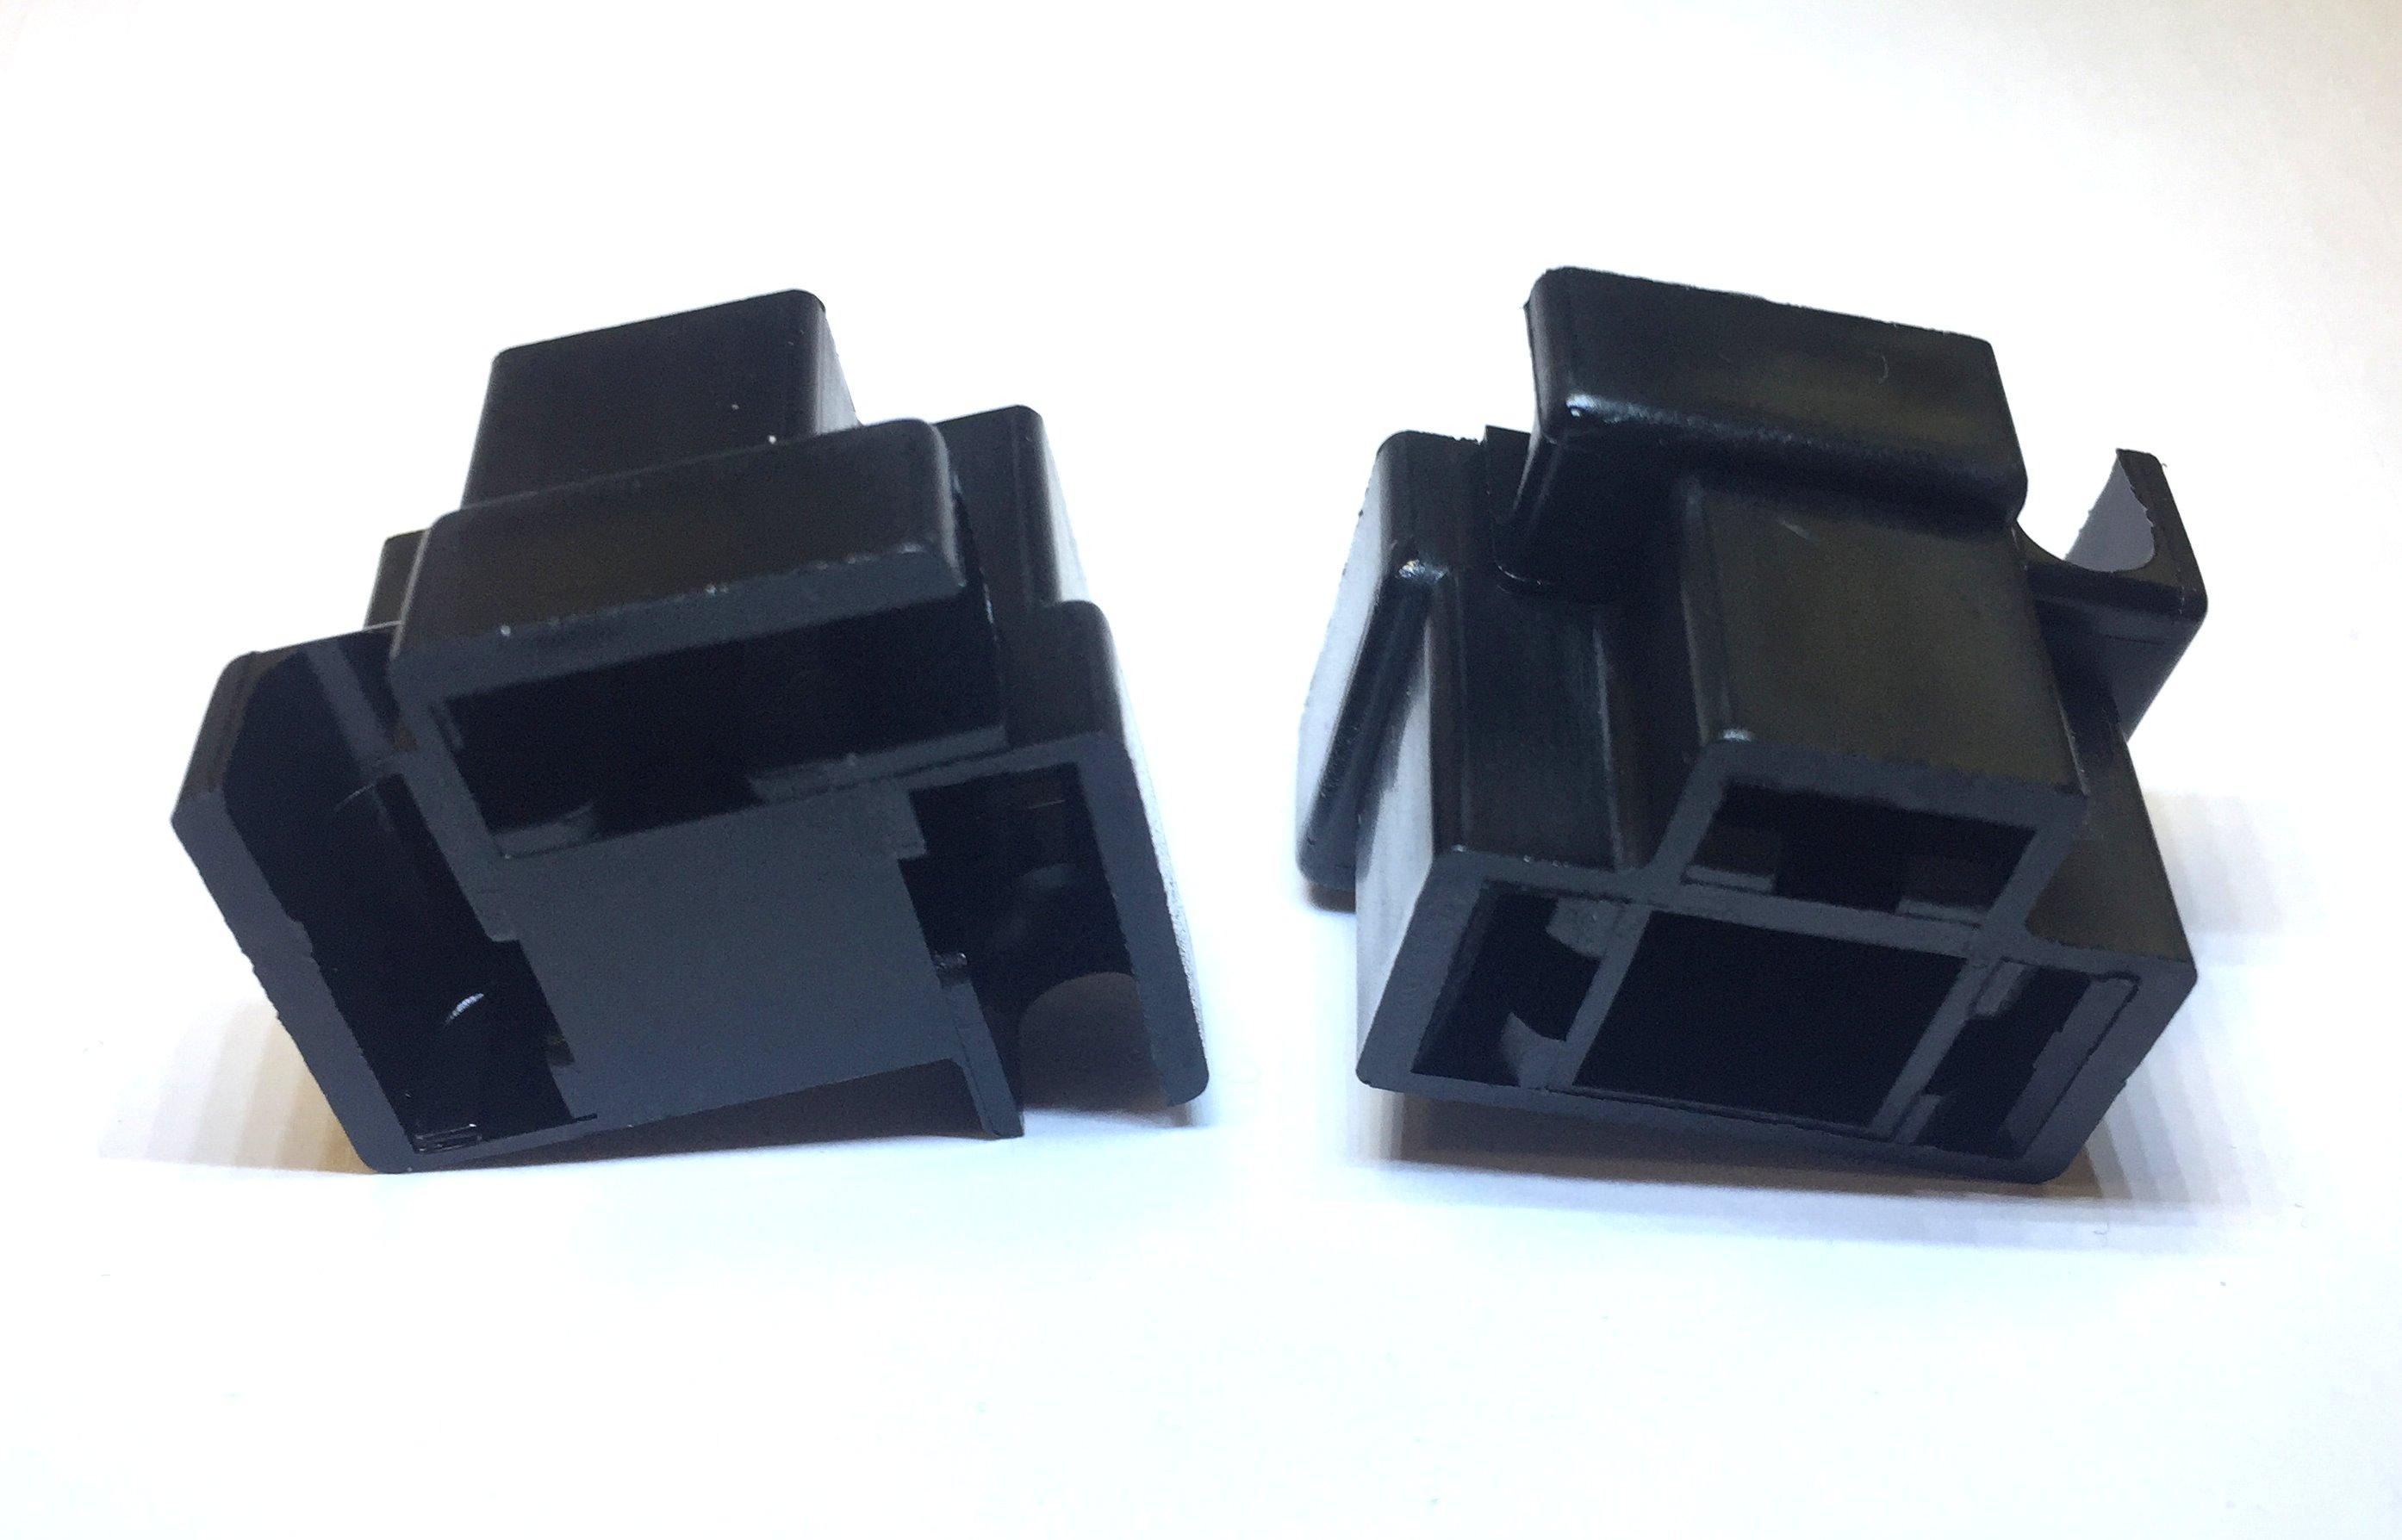 H4-Steckgehäuse, schwarz, 2 Stück